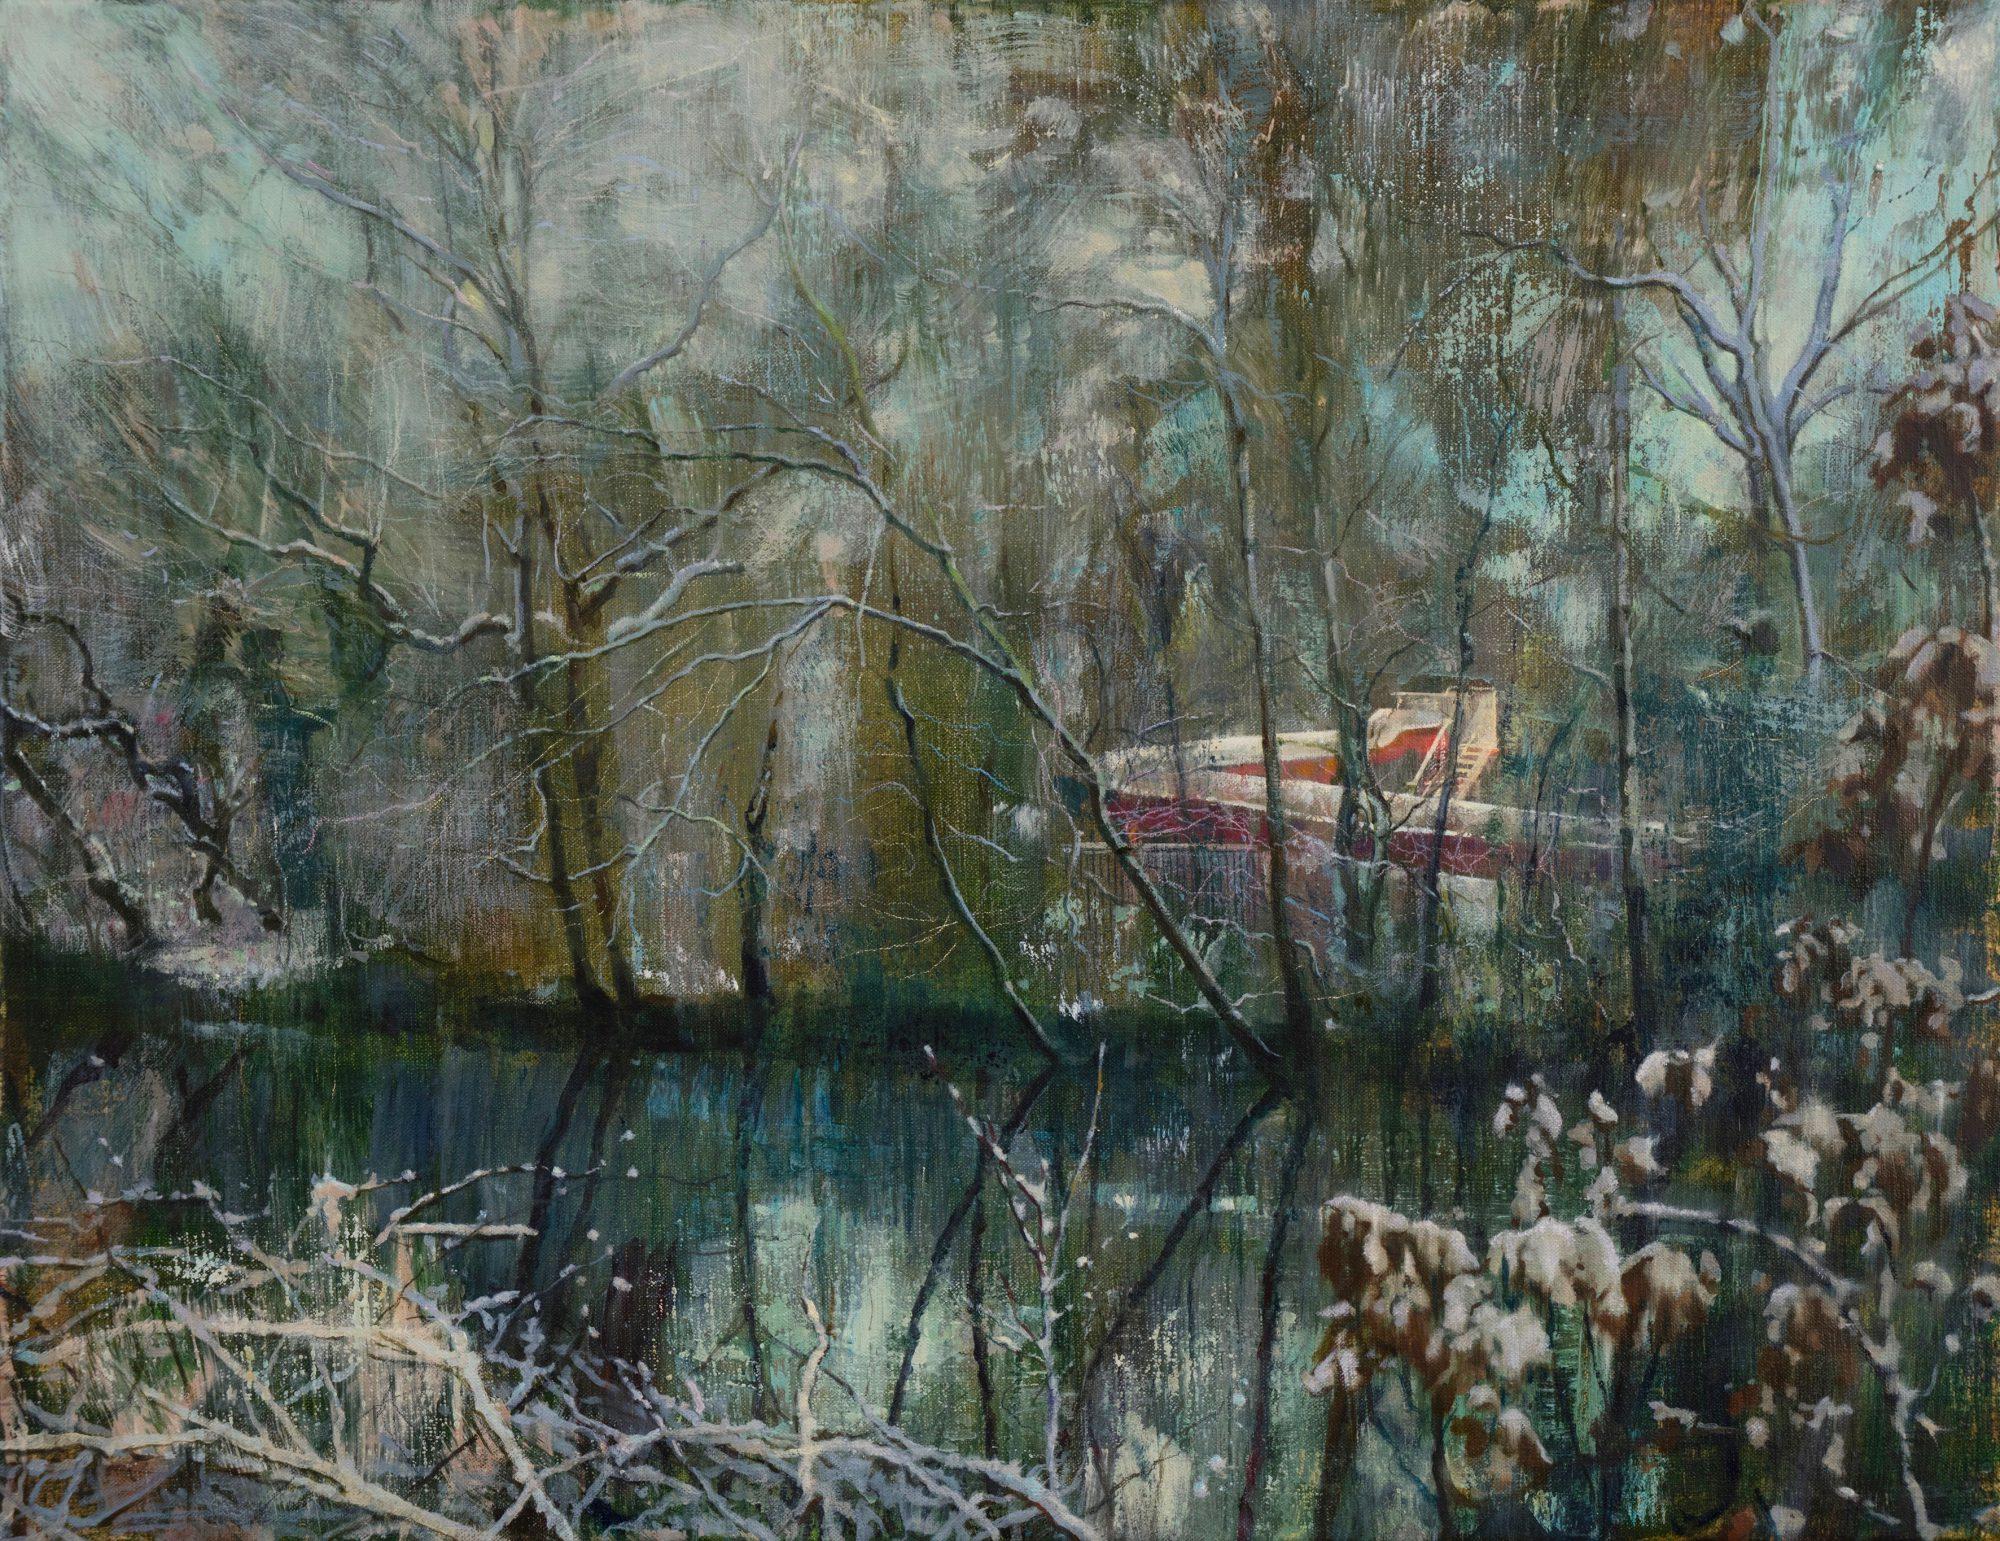 schilderij Isabella Werkhoven zwembad glijbaan sneeuw bomen